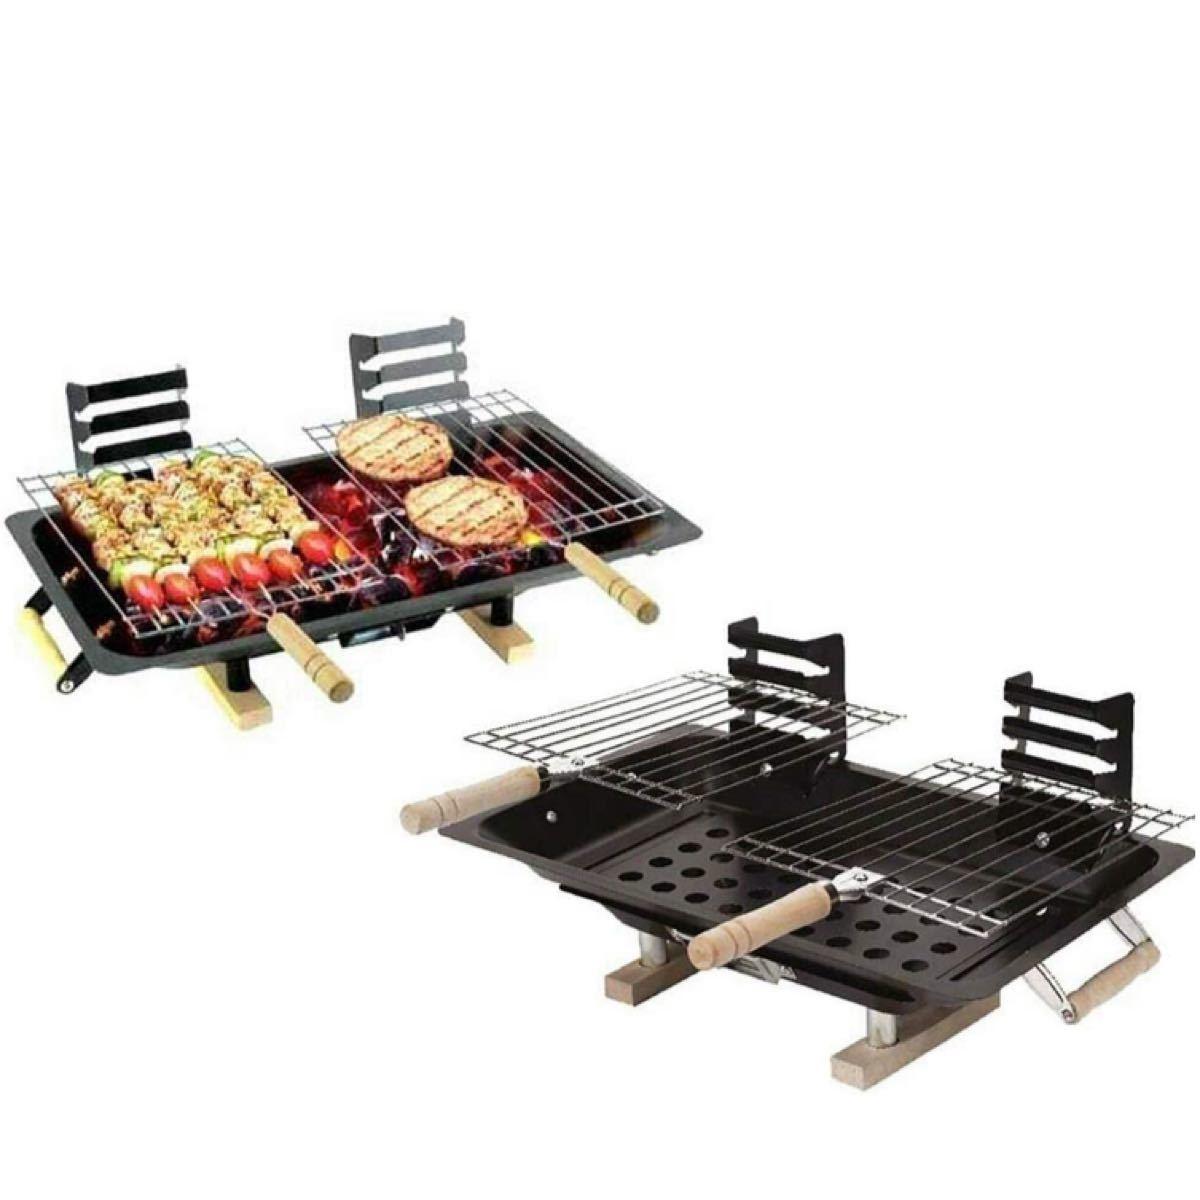 バーベキューコンロ 卓士テーブルコンロ  BBQコンロ 焚き火台